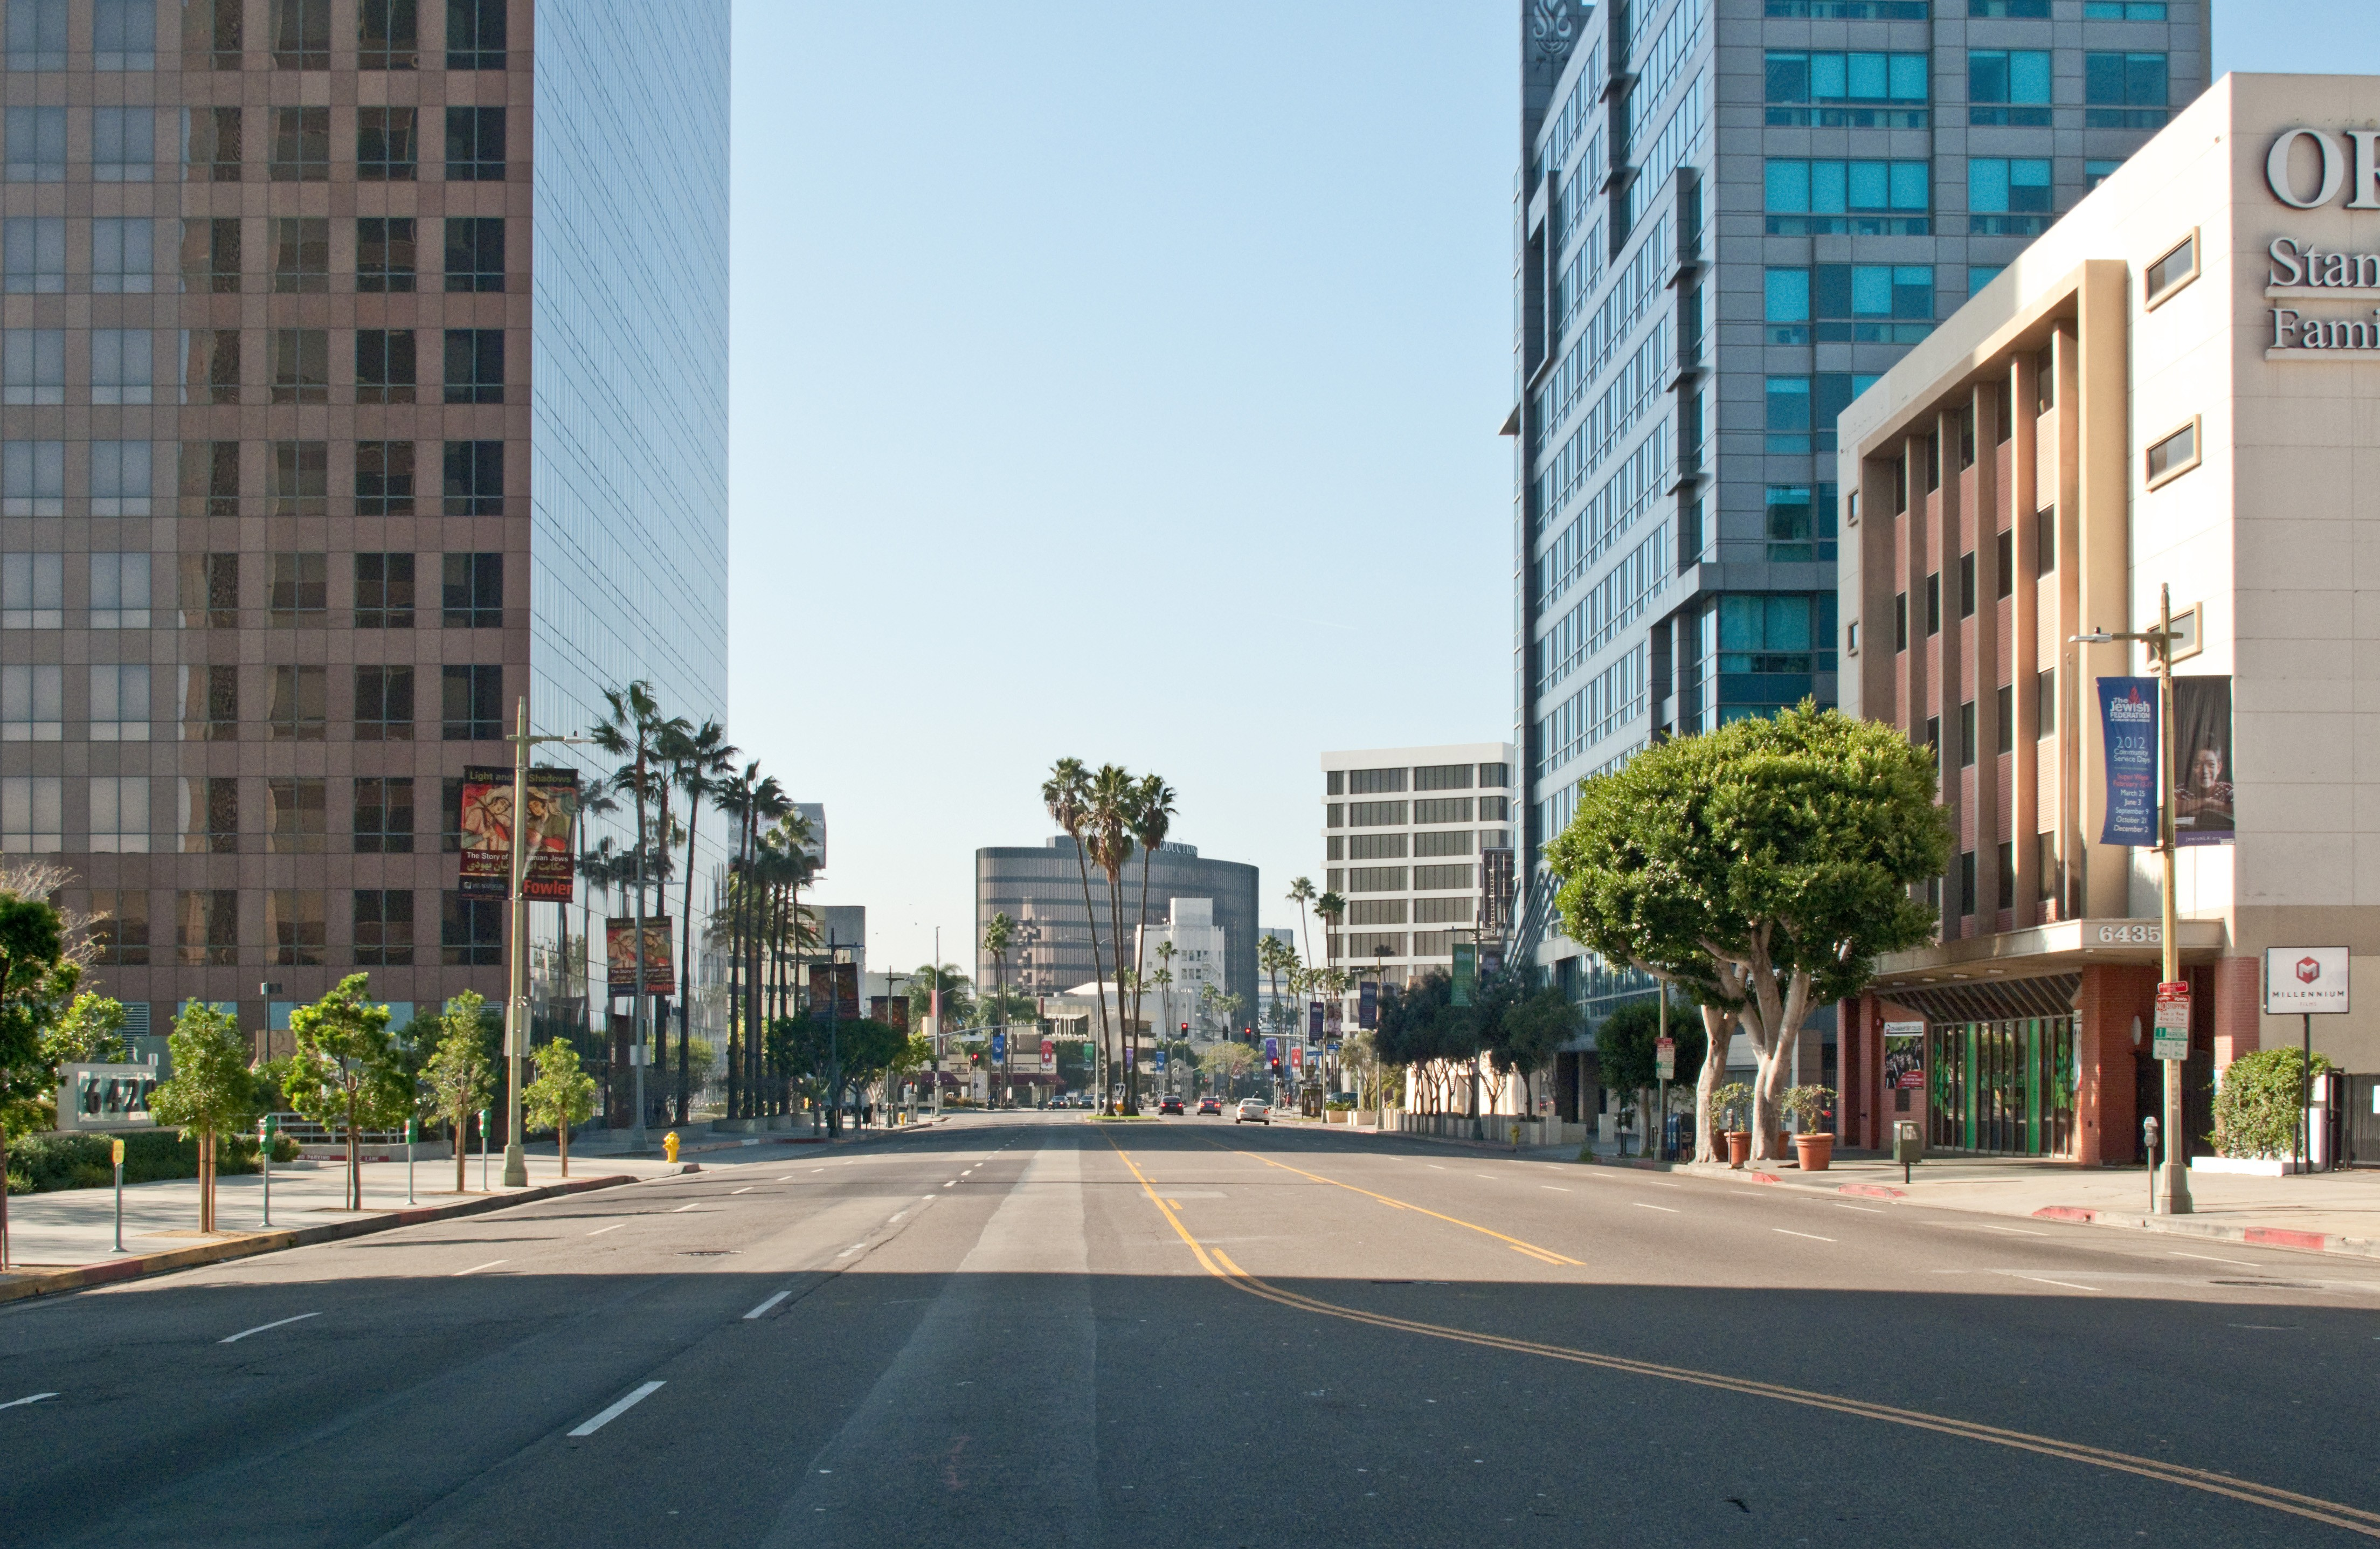 ロサンゼルスで映画「ワイルドスピード」のロケ地巡り5ヵ所!